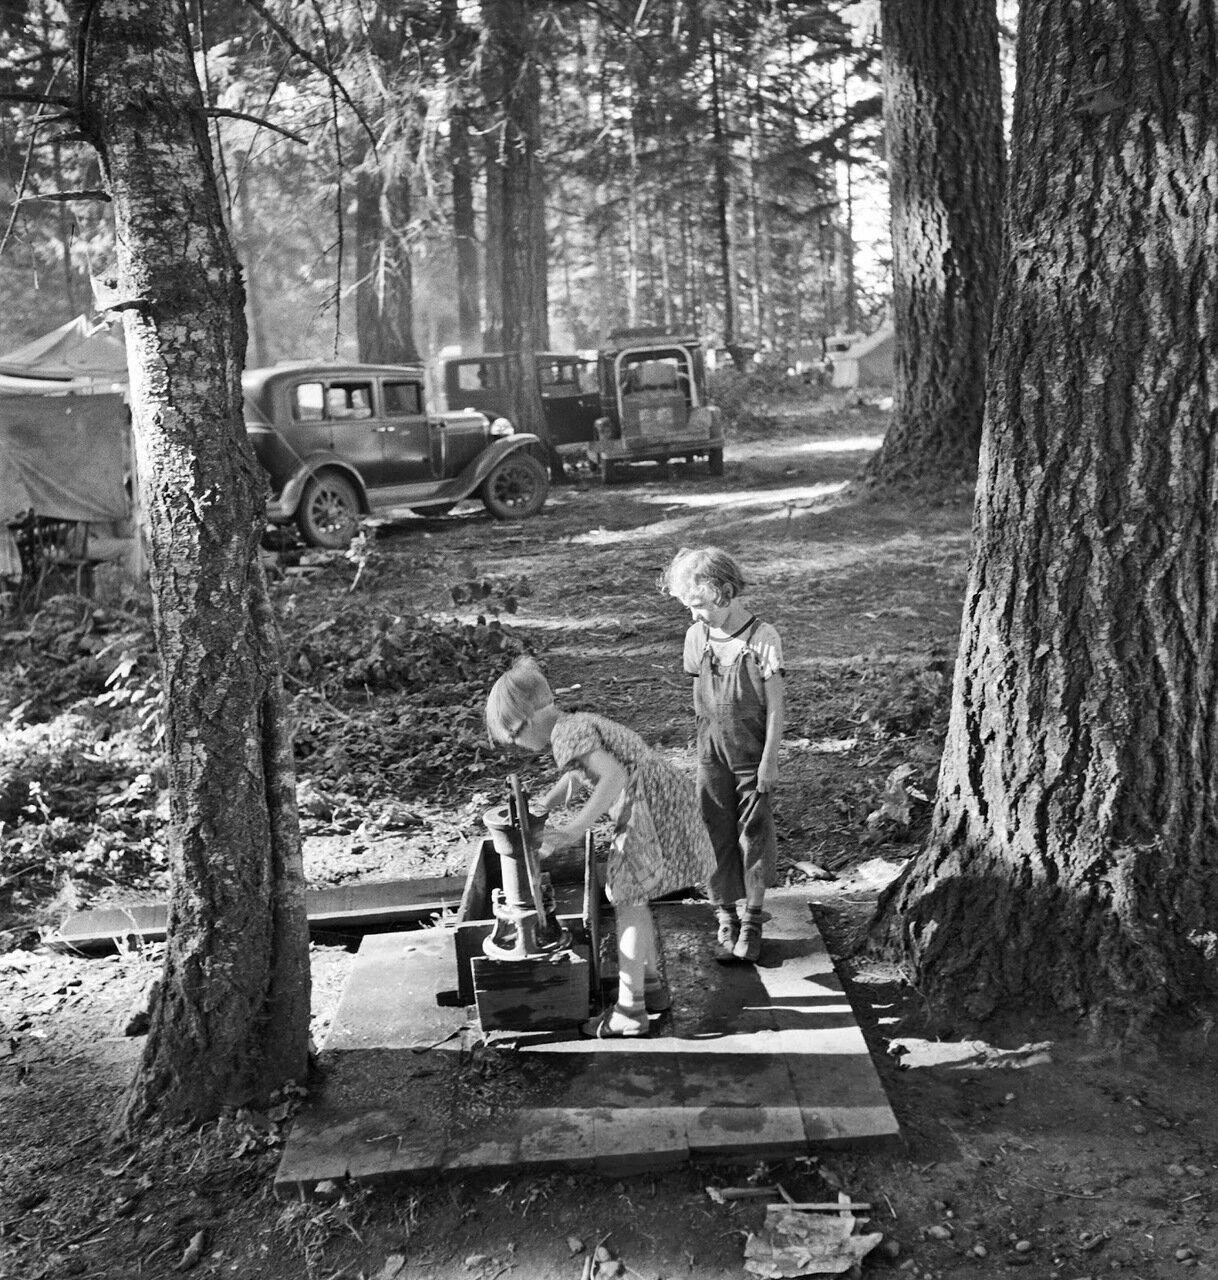 Орегон, Округ Мэрион, возле Вест Стейтона. Дети в большом лагере сборщиков бобов. Сборщики приехали из разных штатов, от Оклахомы до Северной Дакоты, 1939